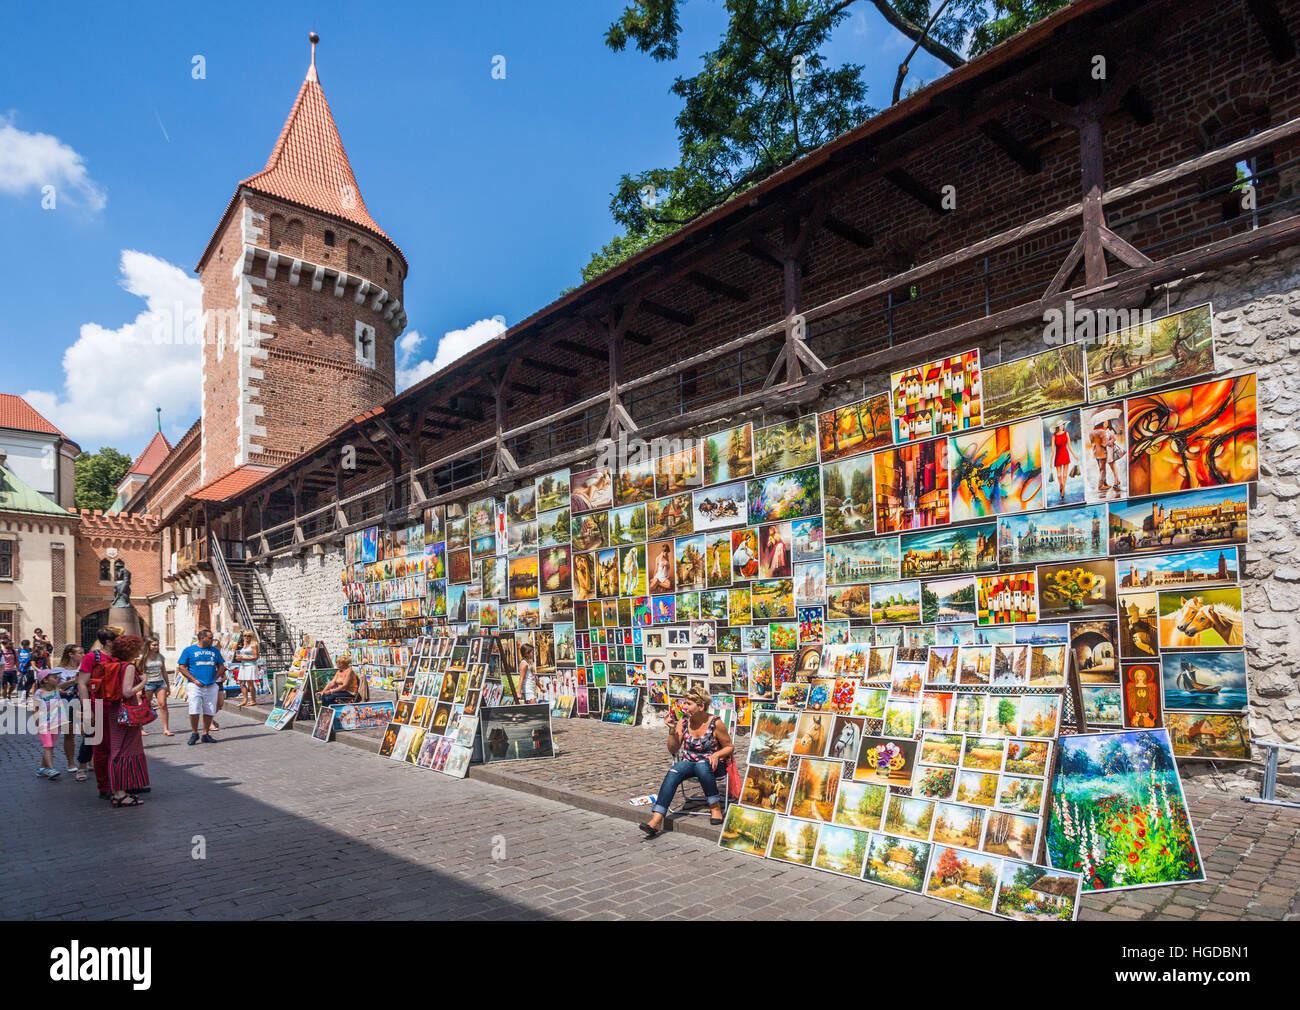 city walls in Krakow - Stock Image